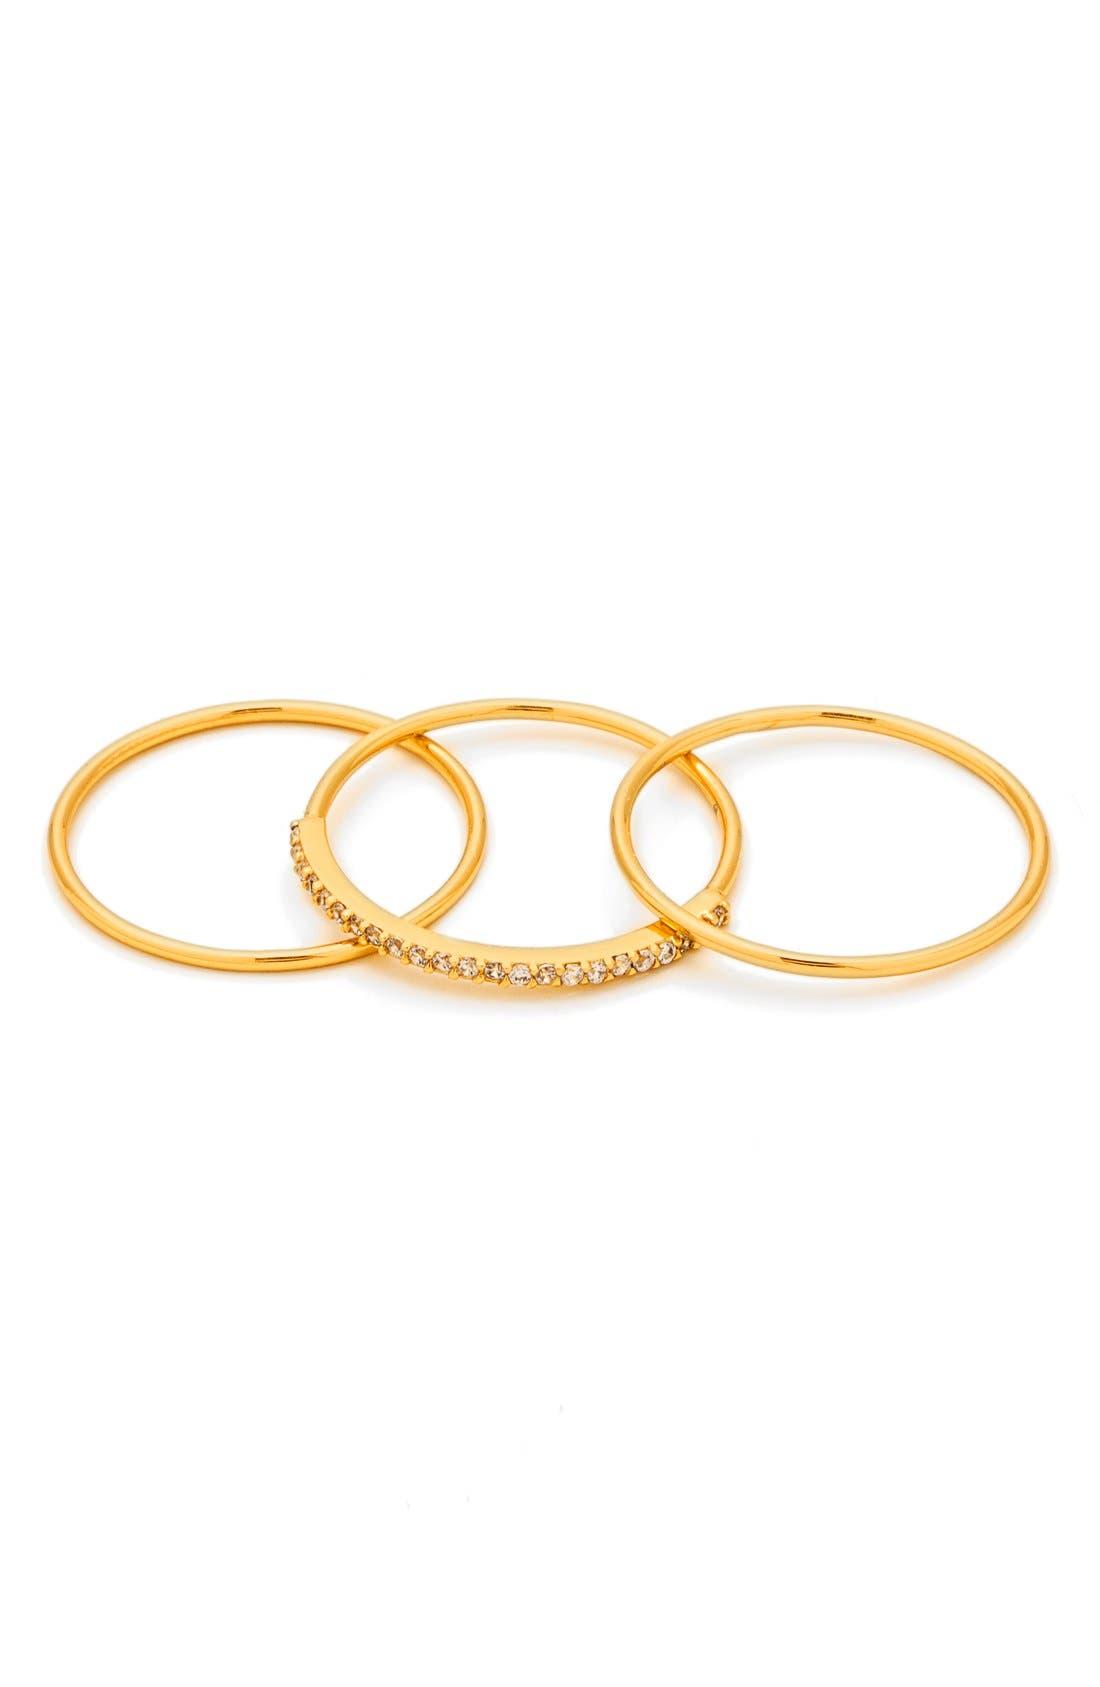 gorjana Shimmer Stackable Set of 3 Band Rings